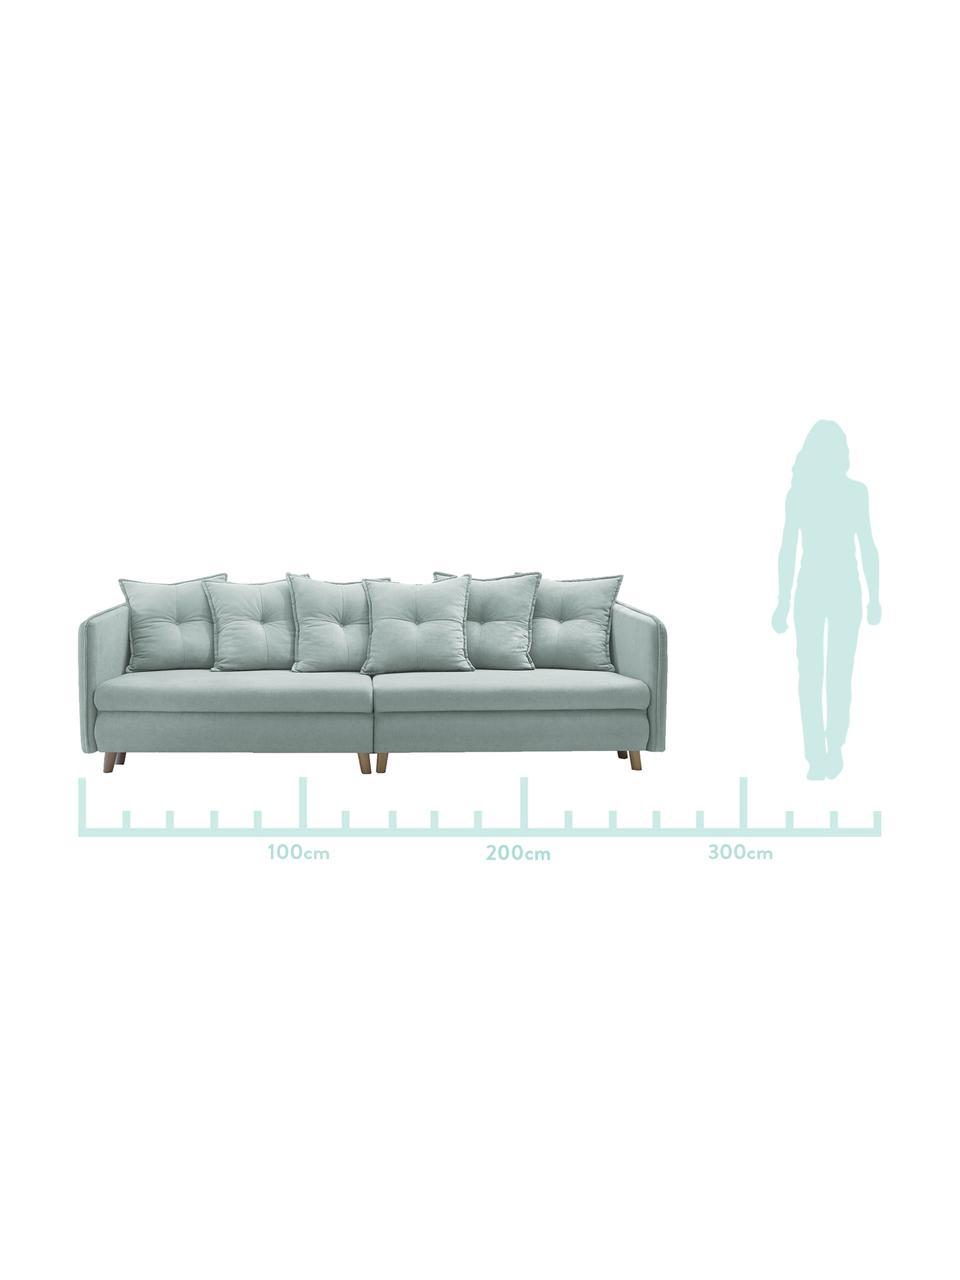 Sofa rozkładana z aksamitu z miejscem do przechowywania  Opti (4-osobowa), Tapicerka: 100% aksamit poliestrowy, Nogi: metal lakierowany, Jasny niebieski, S 264 x G 103 cm